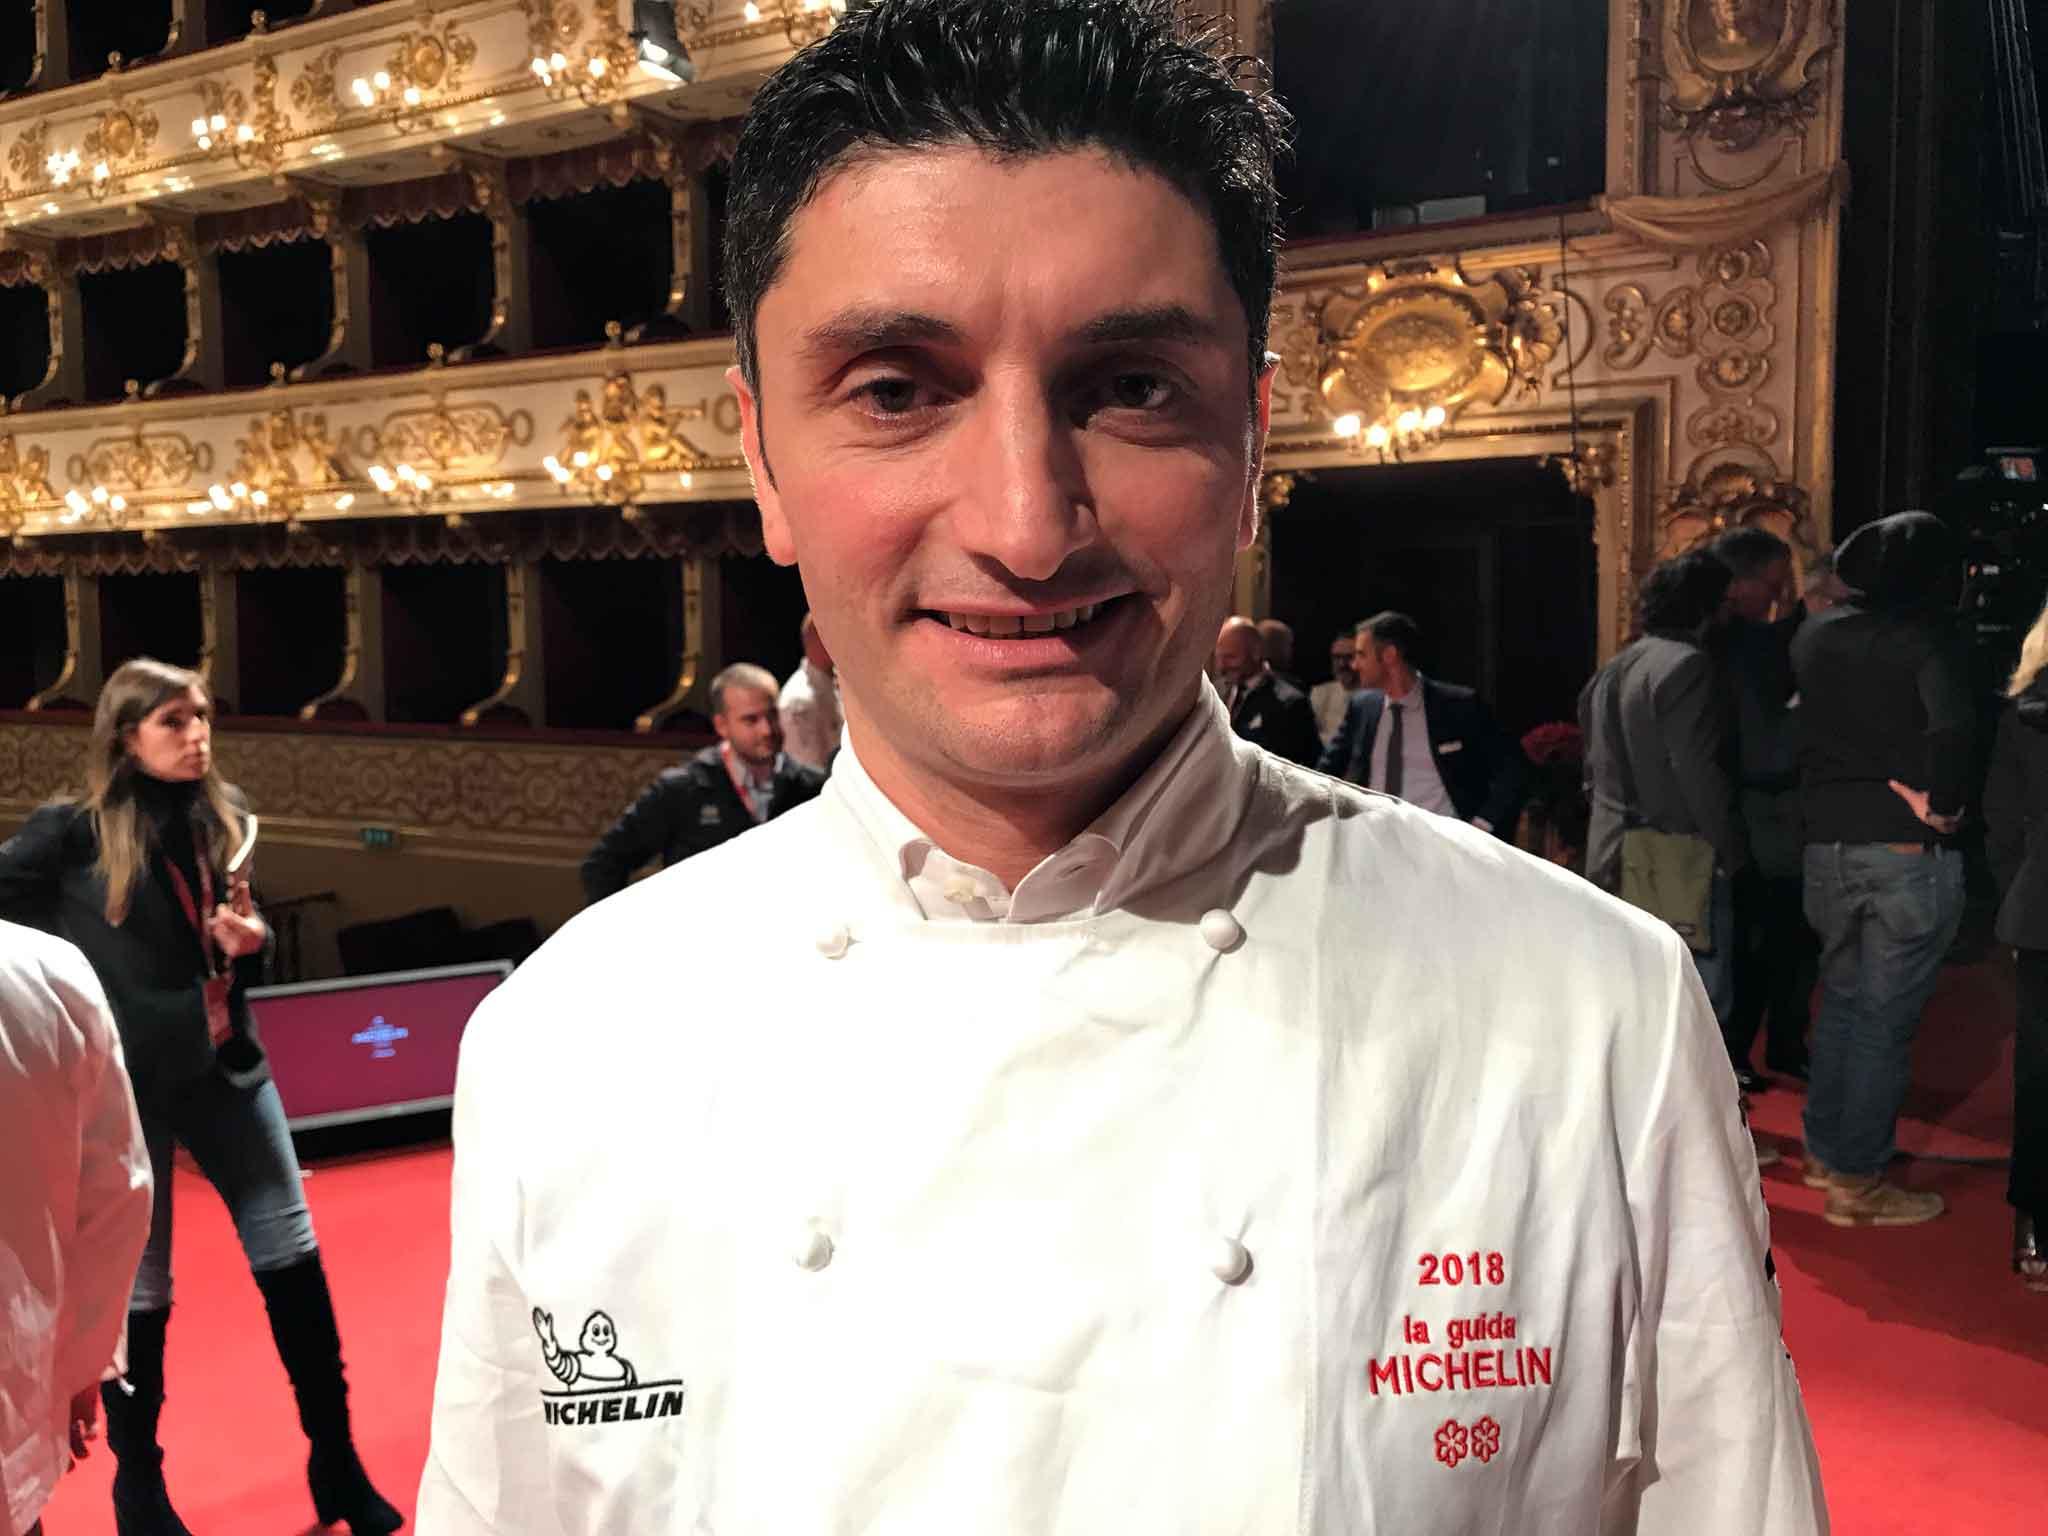 La Credenza Stella Michelin : Guida michelin tutte le stelle dei migliori ristoranti in italia